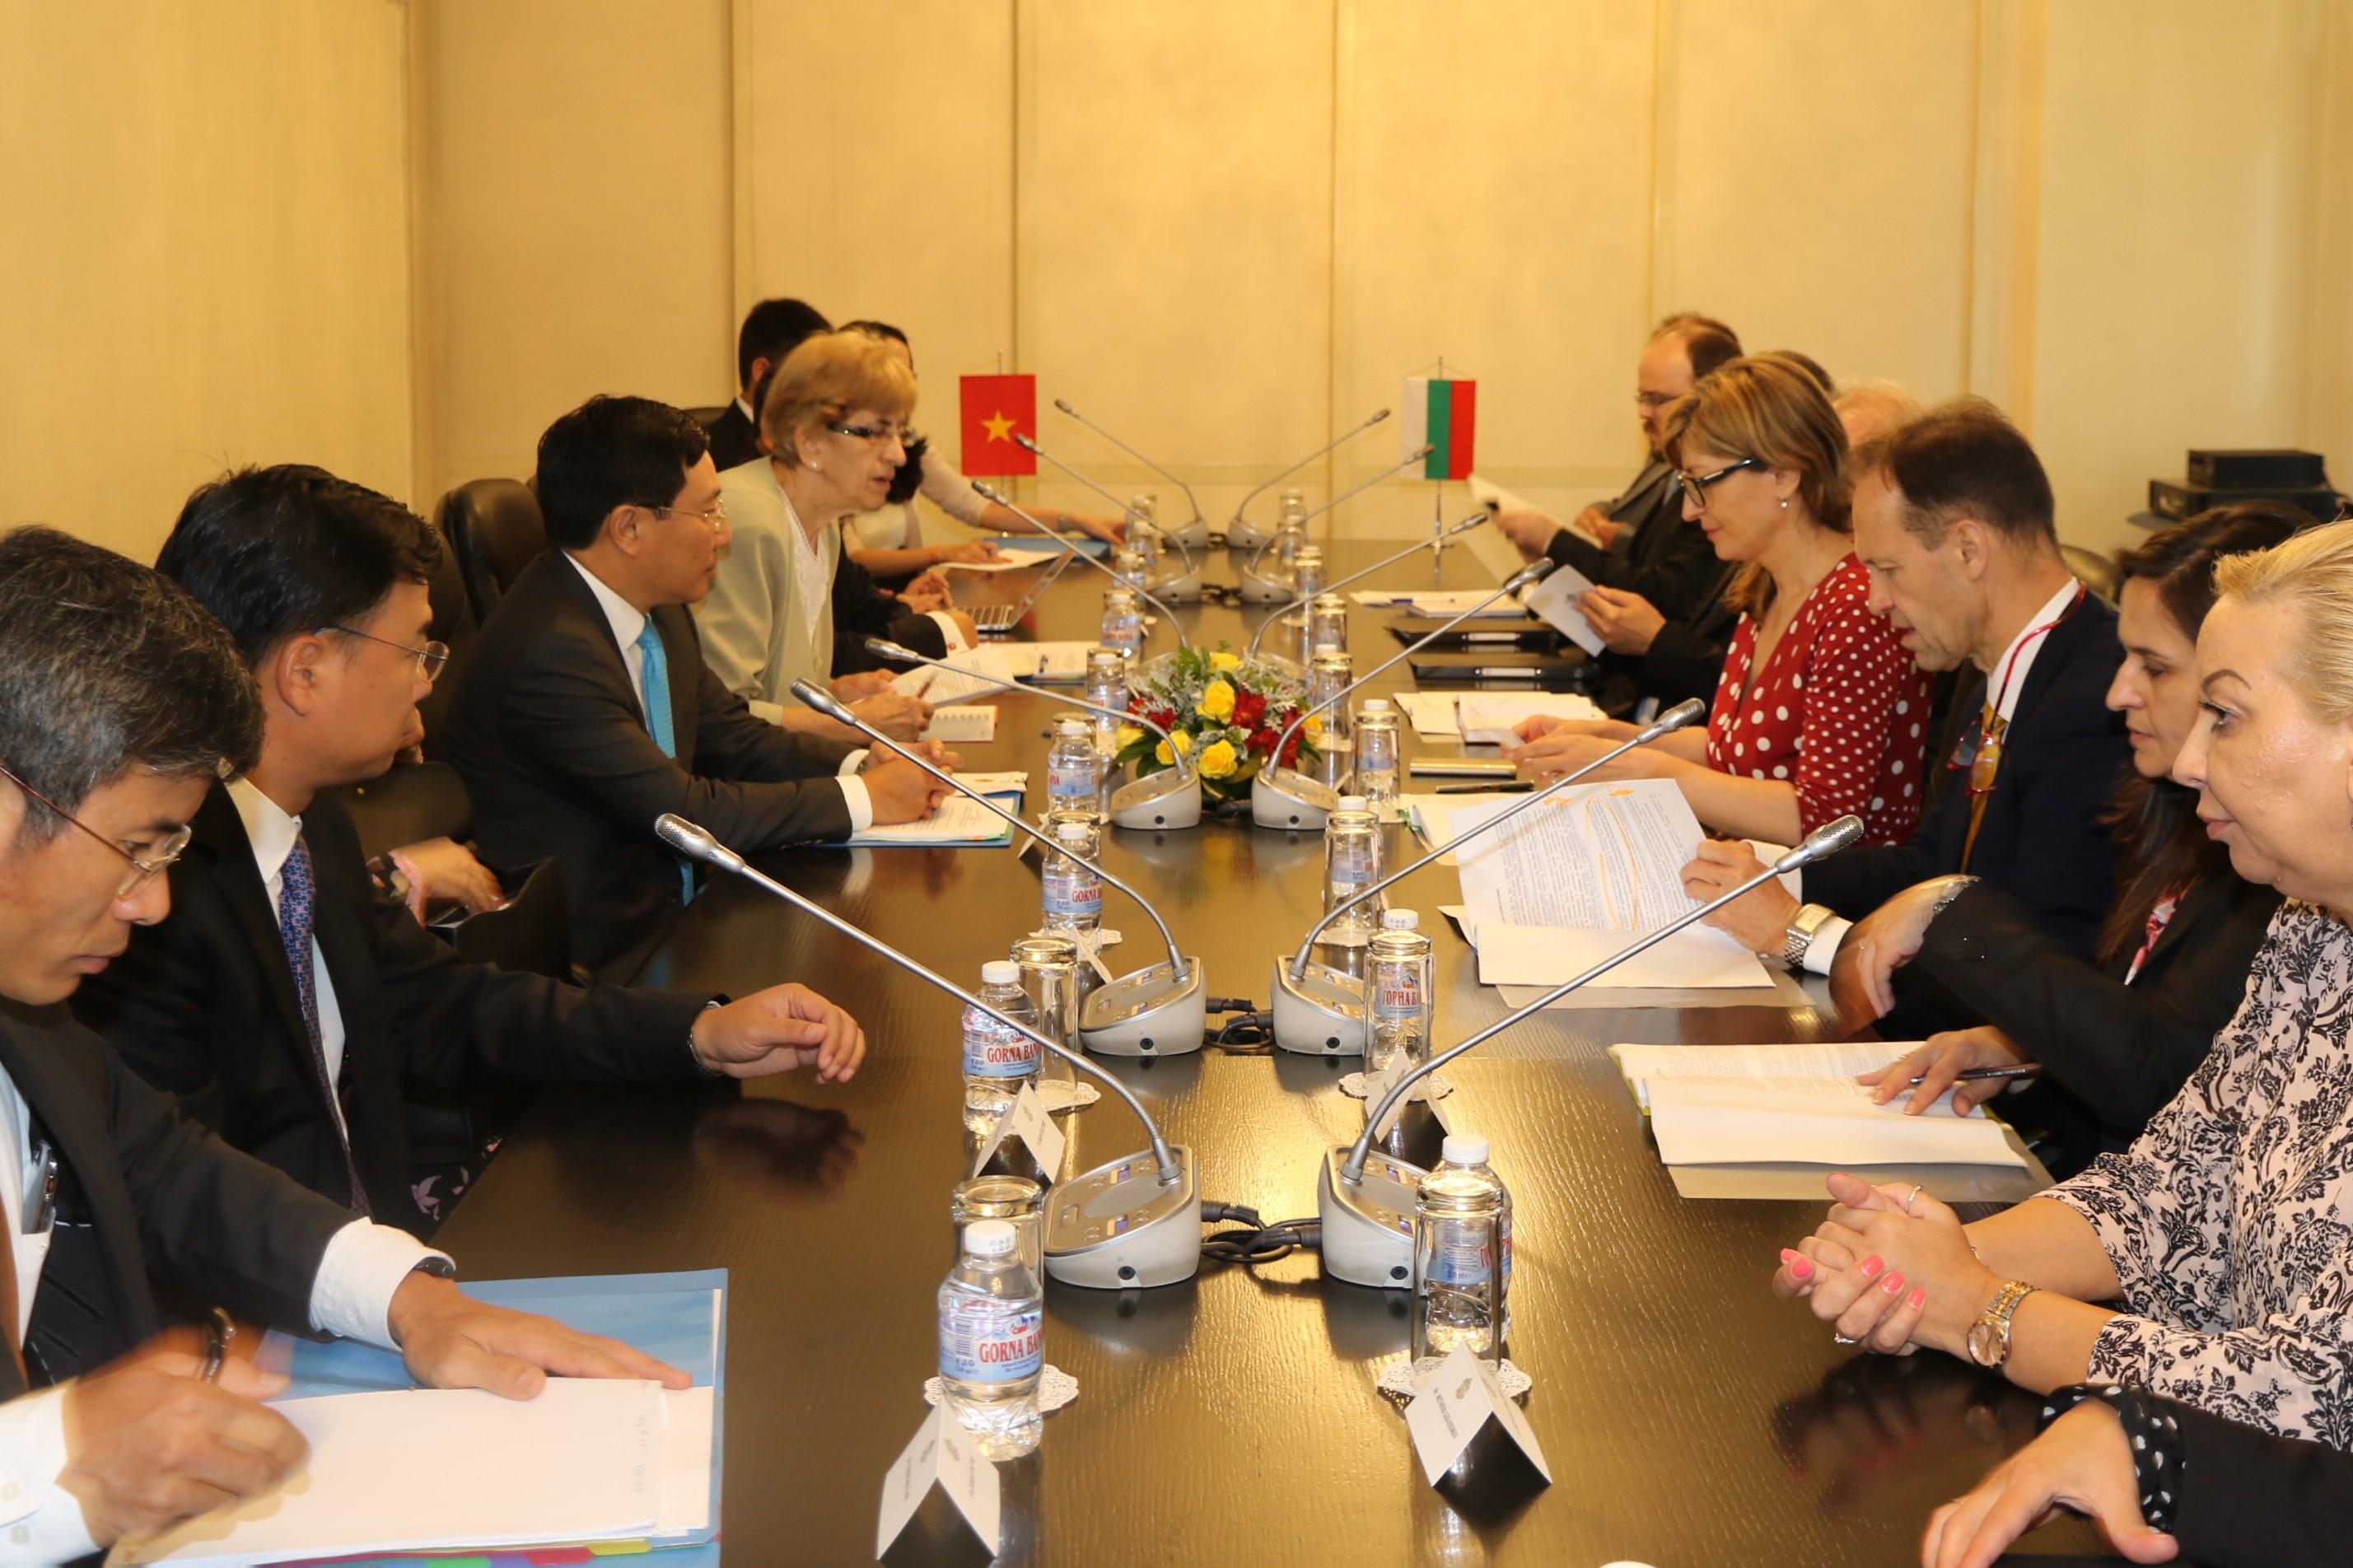 Việt Nam-Bulgaria nhất trí đưa hợp tác kinh tế lên tầm cao mới - Hình 2